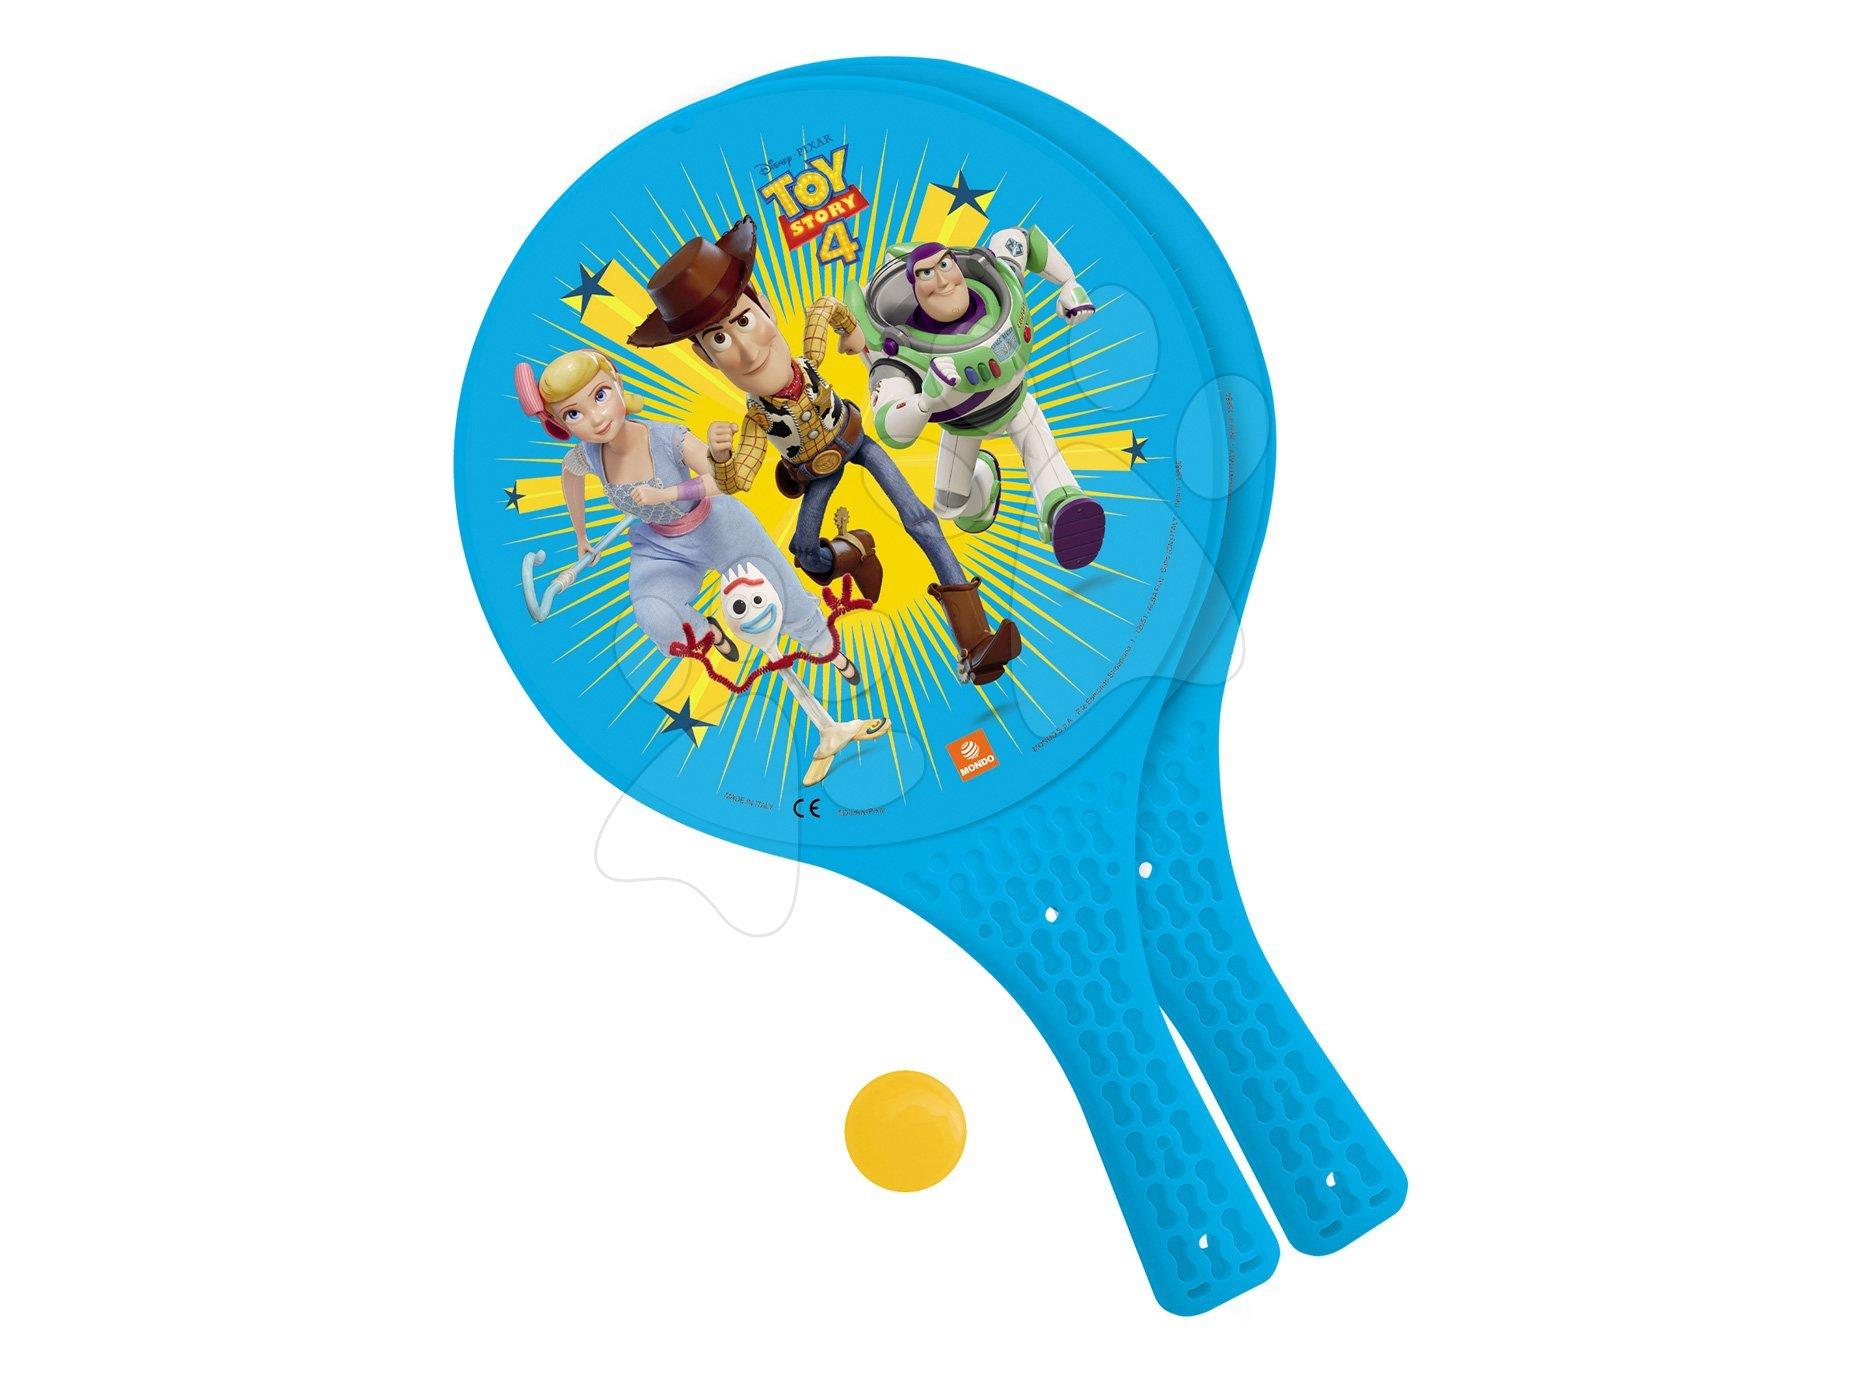 Plážový tenis Toy Story Mondo s 2 raketami a loptičkou